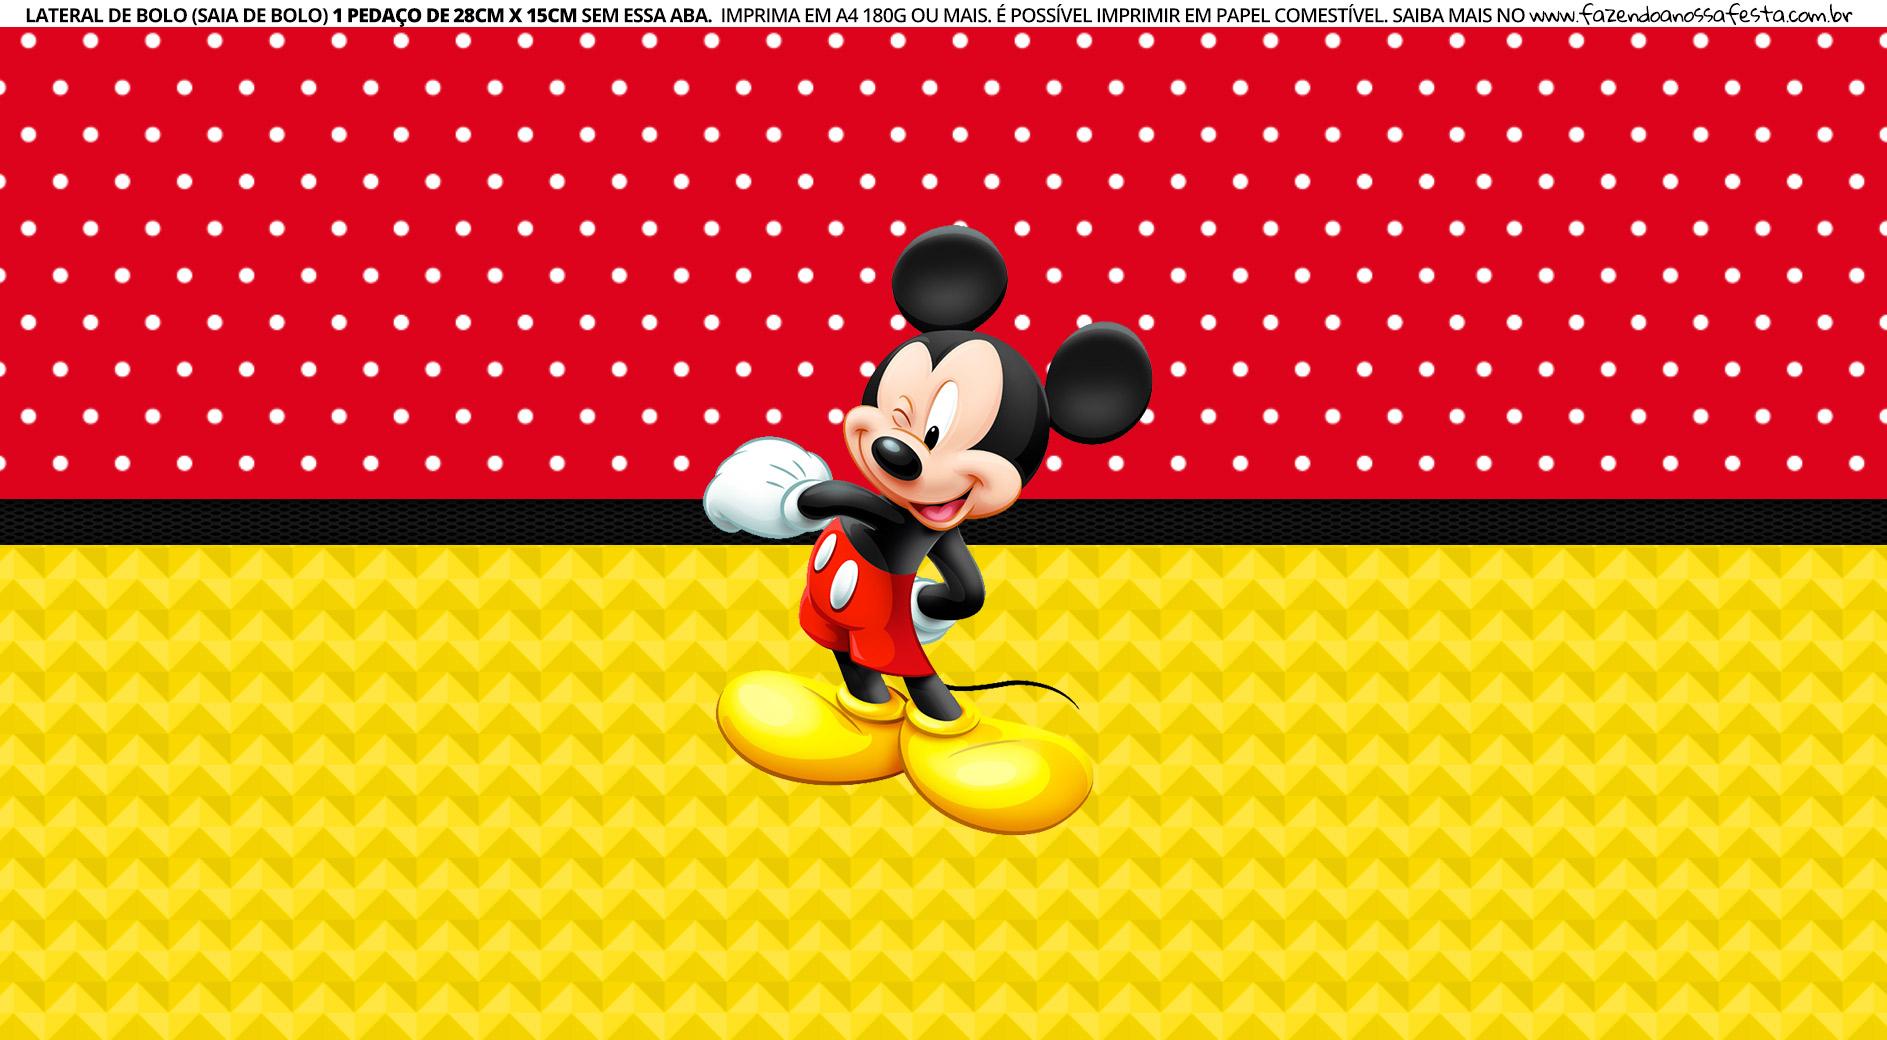 Faixa lateral para bolo Mickey 5